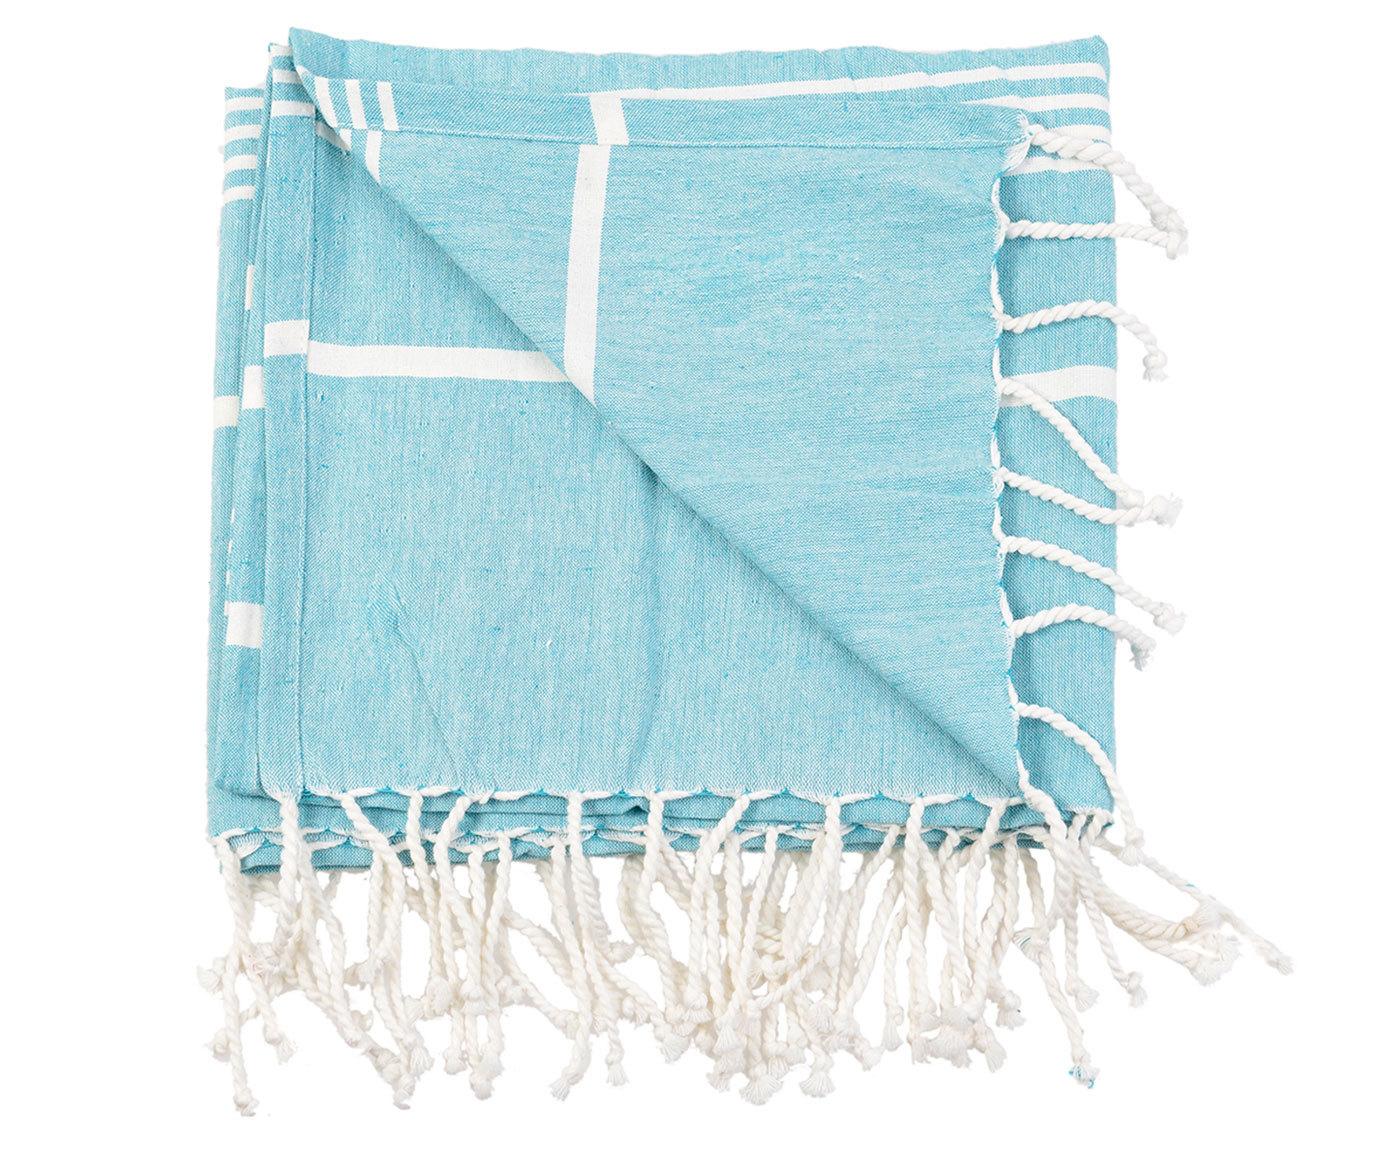 Полотенце ClardraПляжные полотенца<br><br><br>Material: Хлопок<br>Ширина см: 170<br>Высота см: 1<br>Глубина см: 90